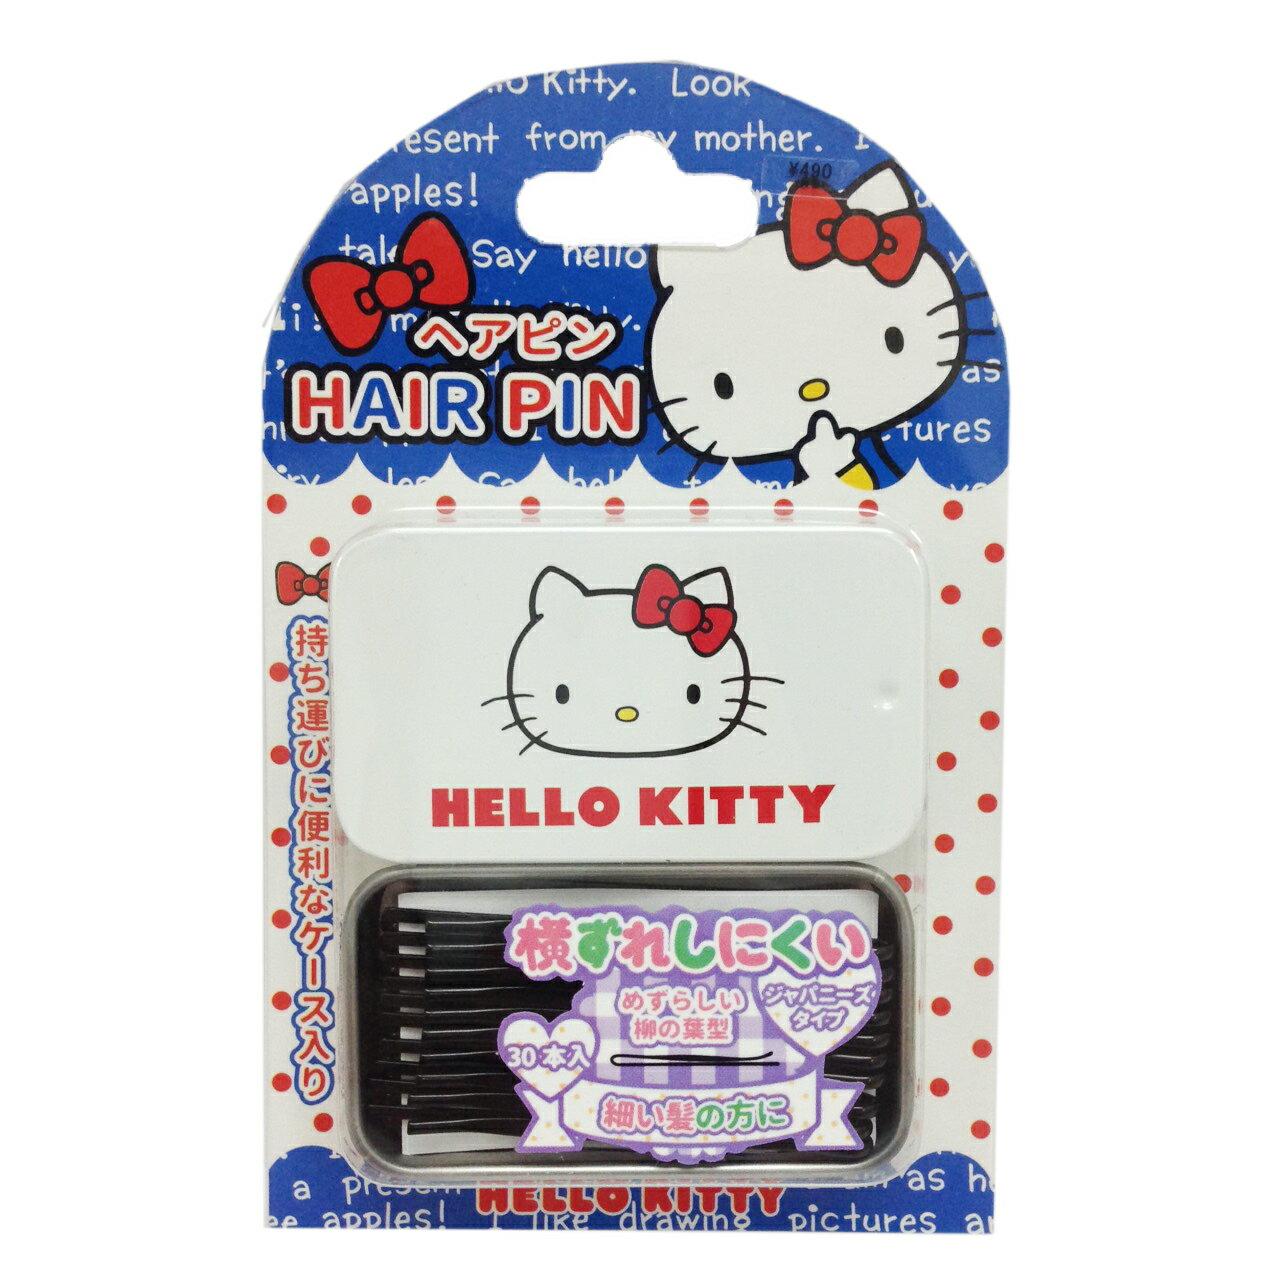 【真愛日本】17022700025抽拉小物髮夾收納盒-KT大臉白 三麗鷗 Hello Kitty 凱蒂貓 髮飾 飾品 正品 限量